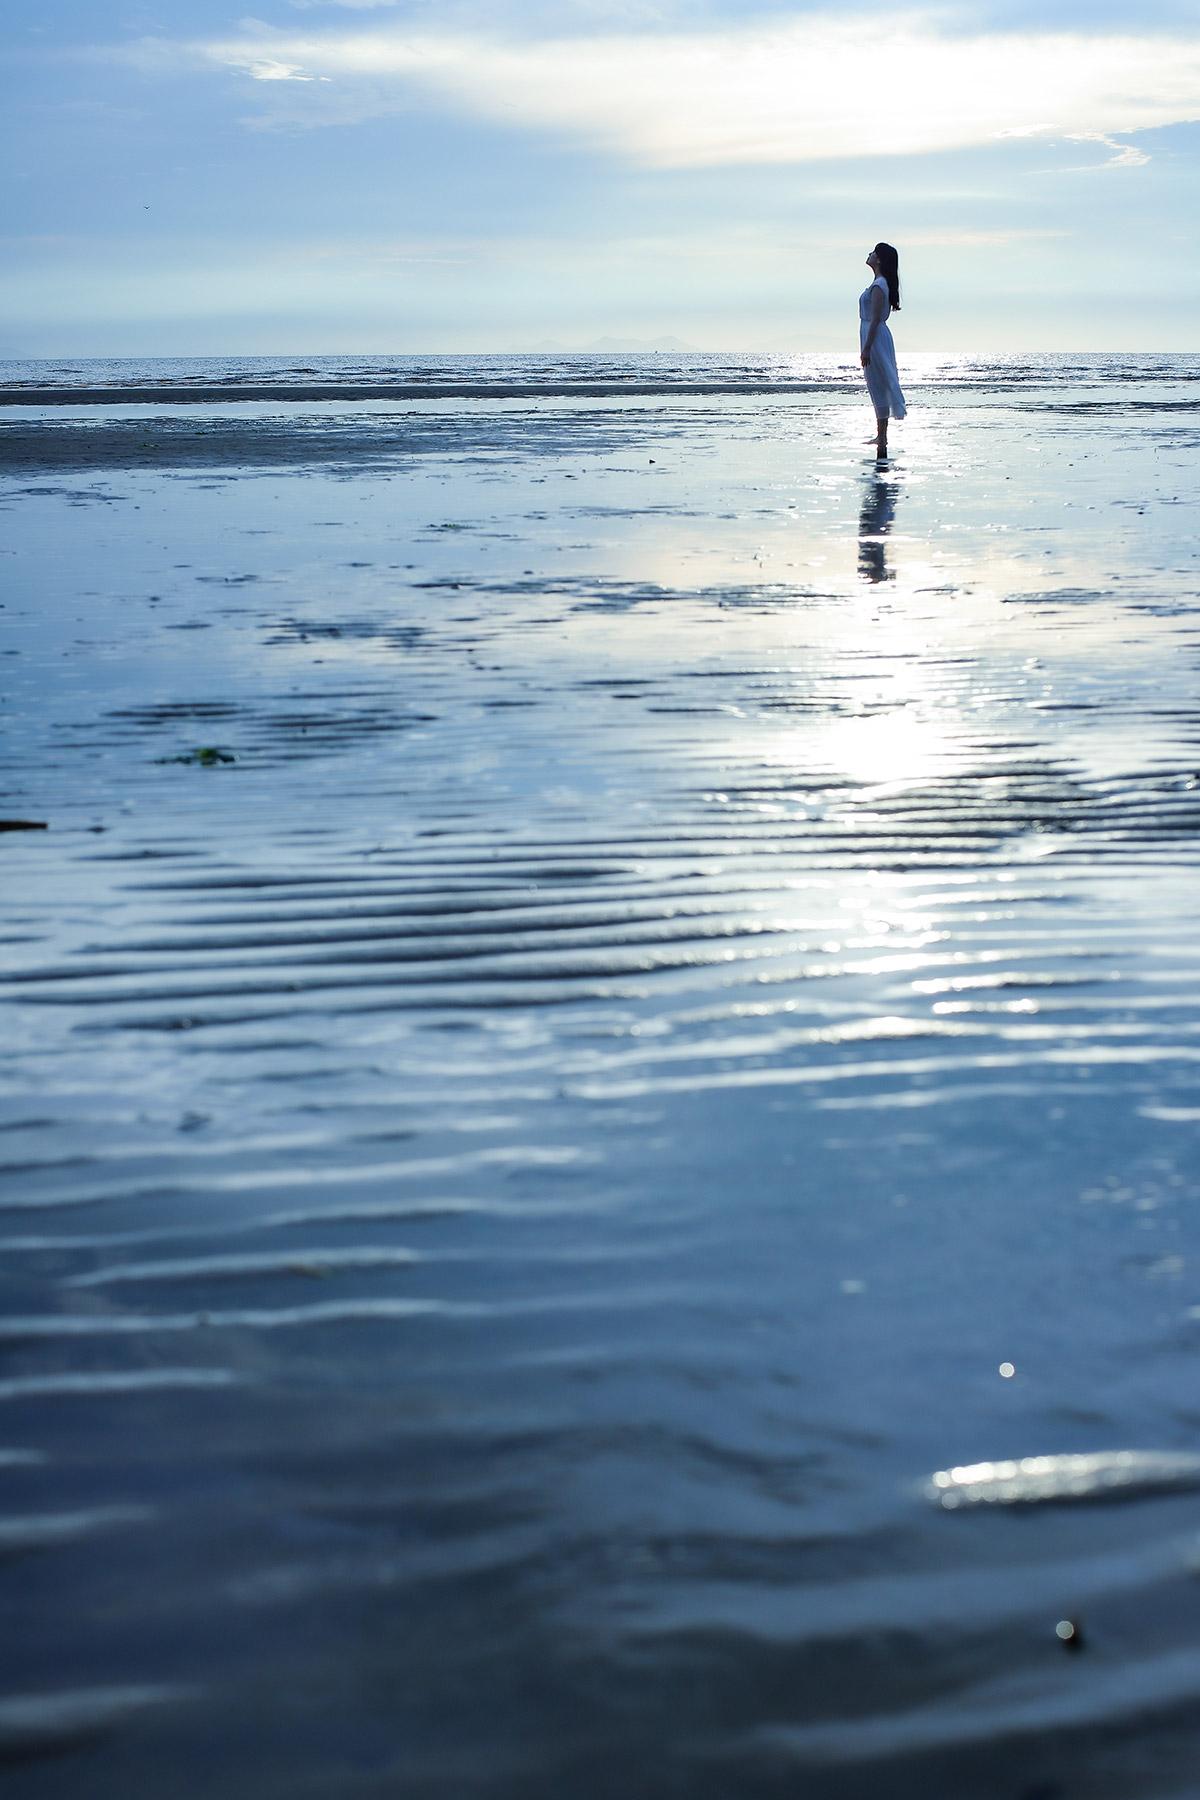 @doi_natsumi_ 「光の道」<br> [テーマ]A 自然の恵み